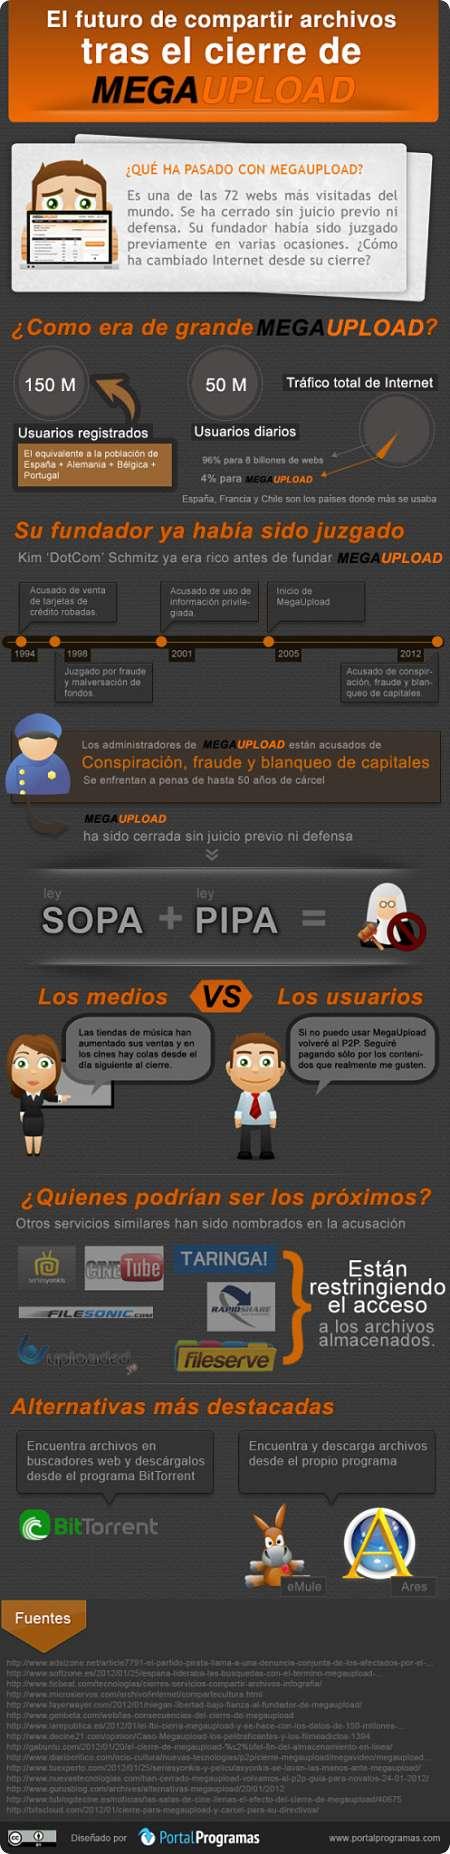 Noticias Criminología. Infografía sobre Upload. Marisol Collazos Soto